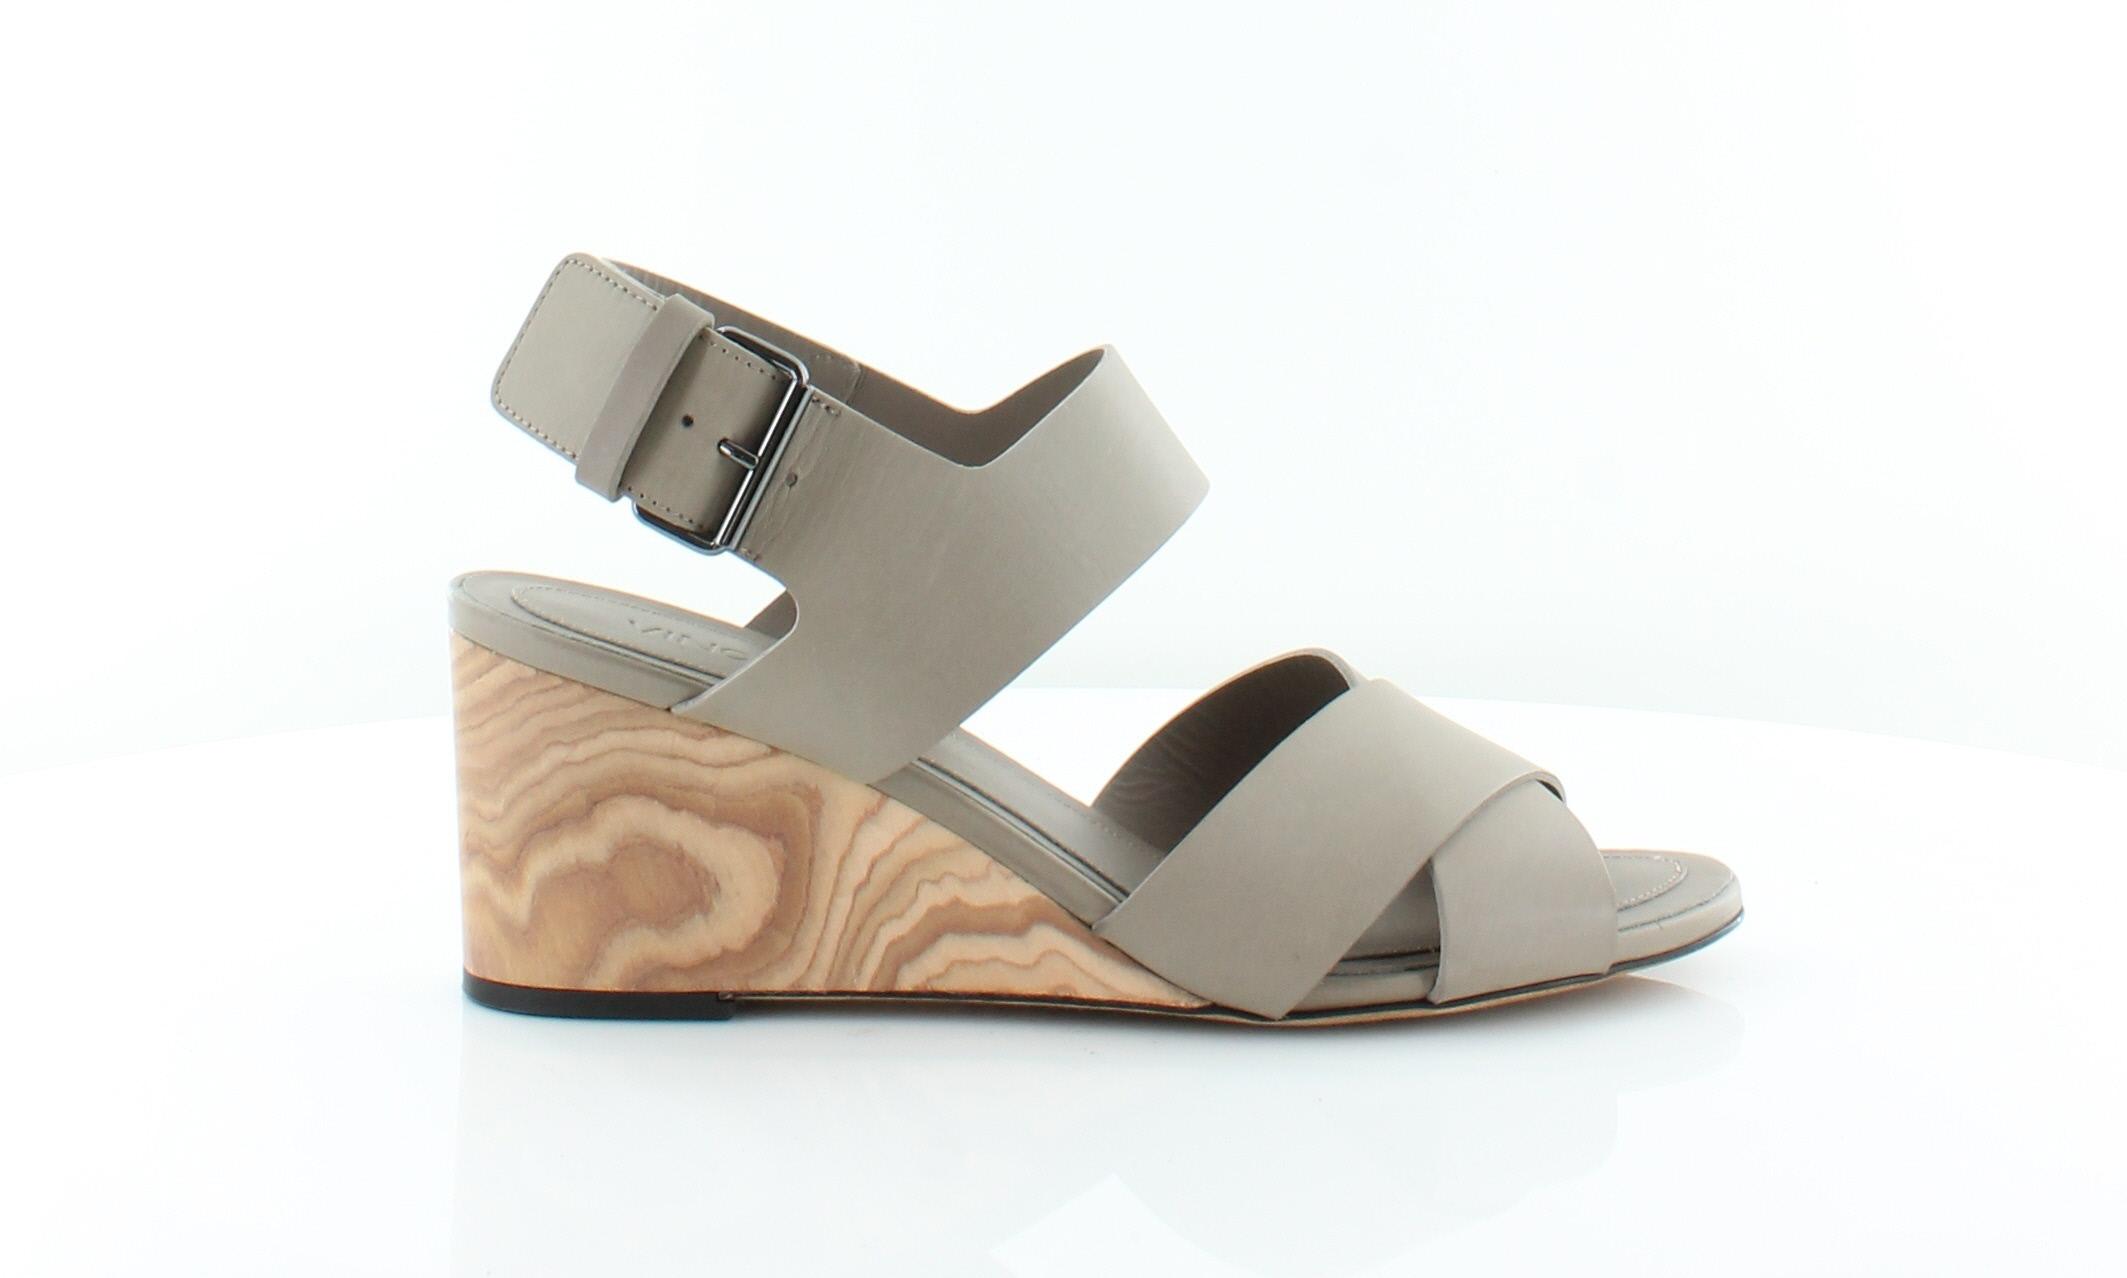 Vince Gwyn gris gris gris Sandalias De Mujer Zapatos Talla 8.5 M precio minorista sugerido por el fabricante  375  presentando toda la última moda de la calle